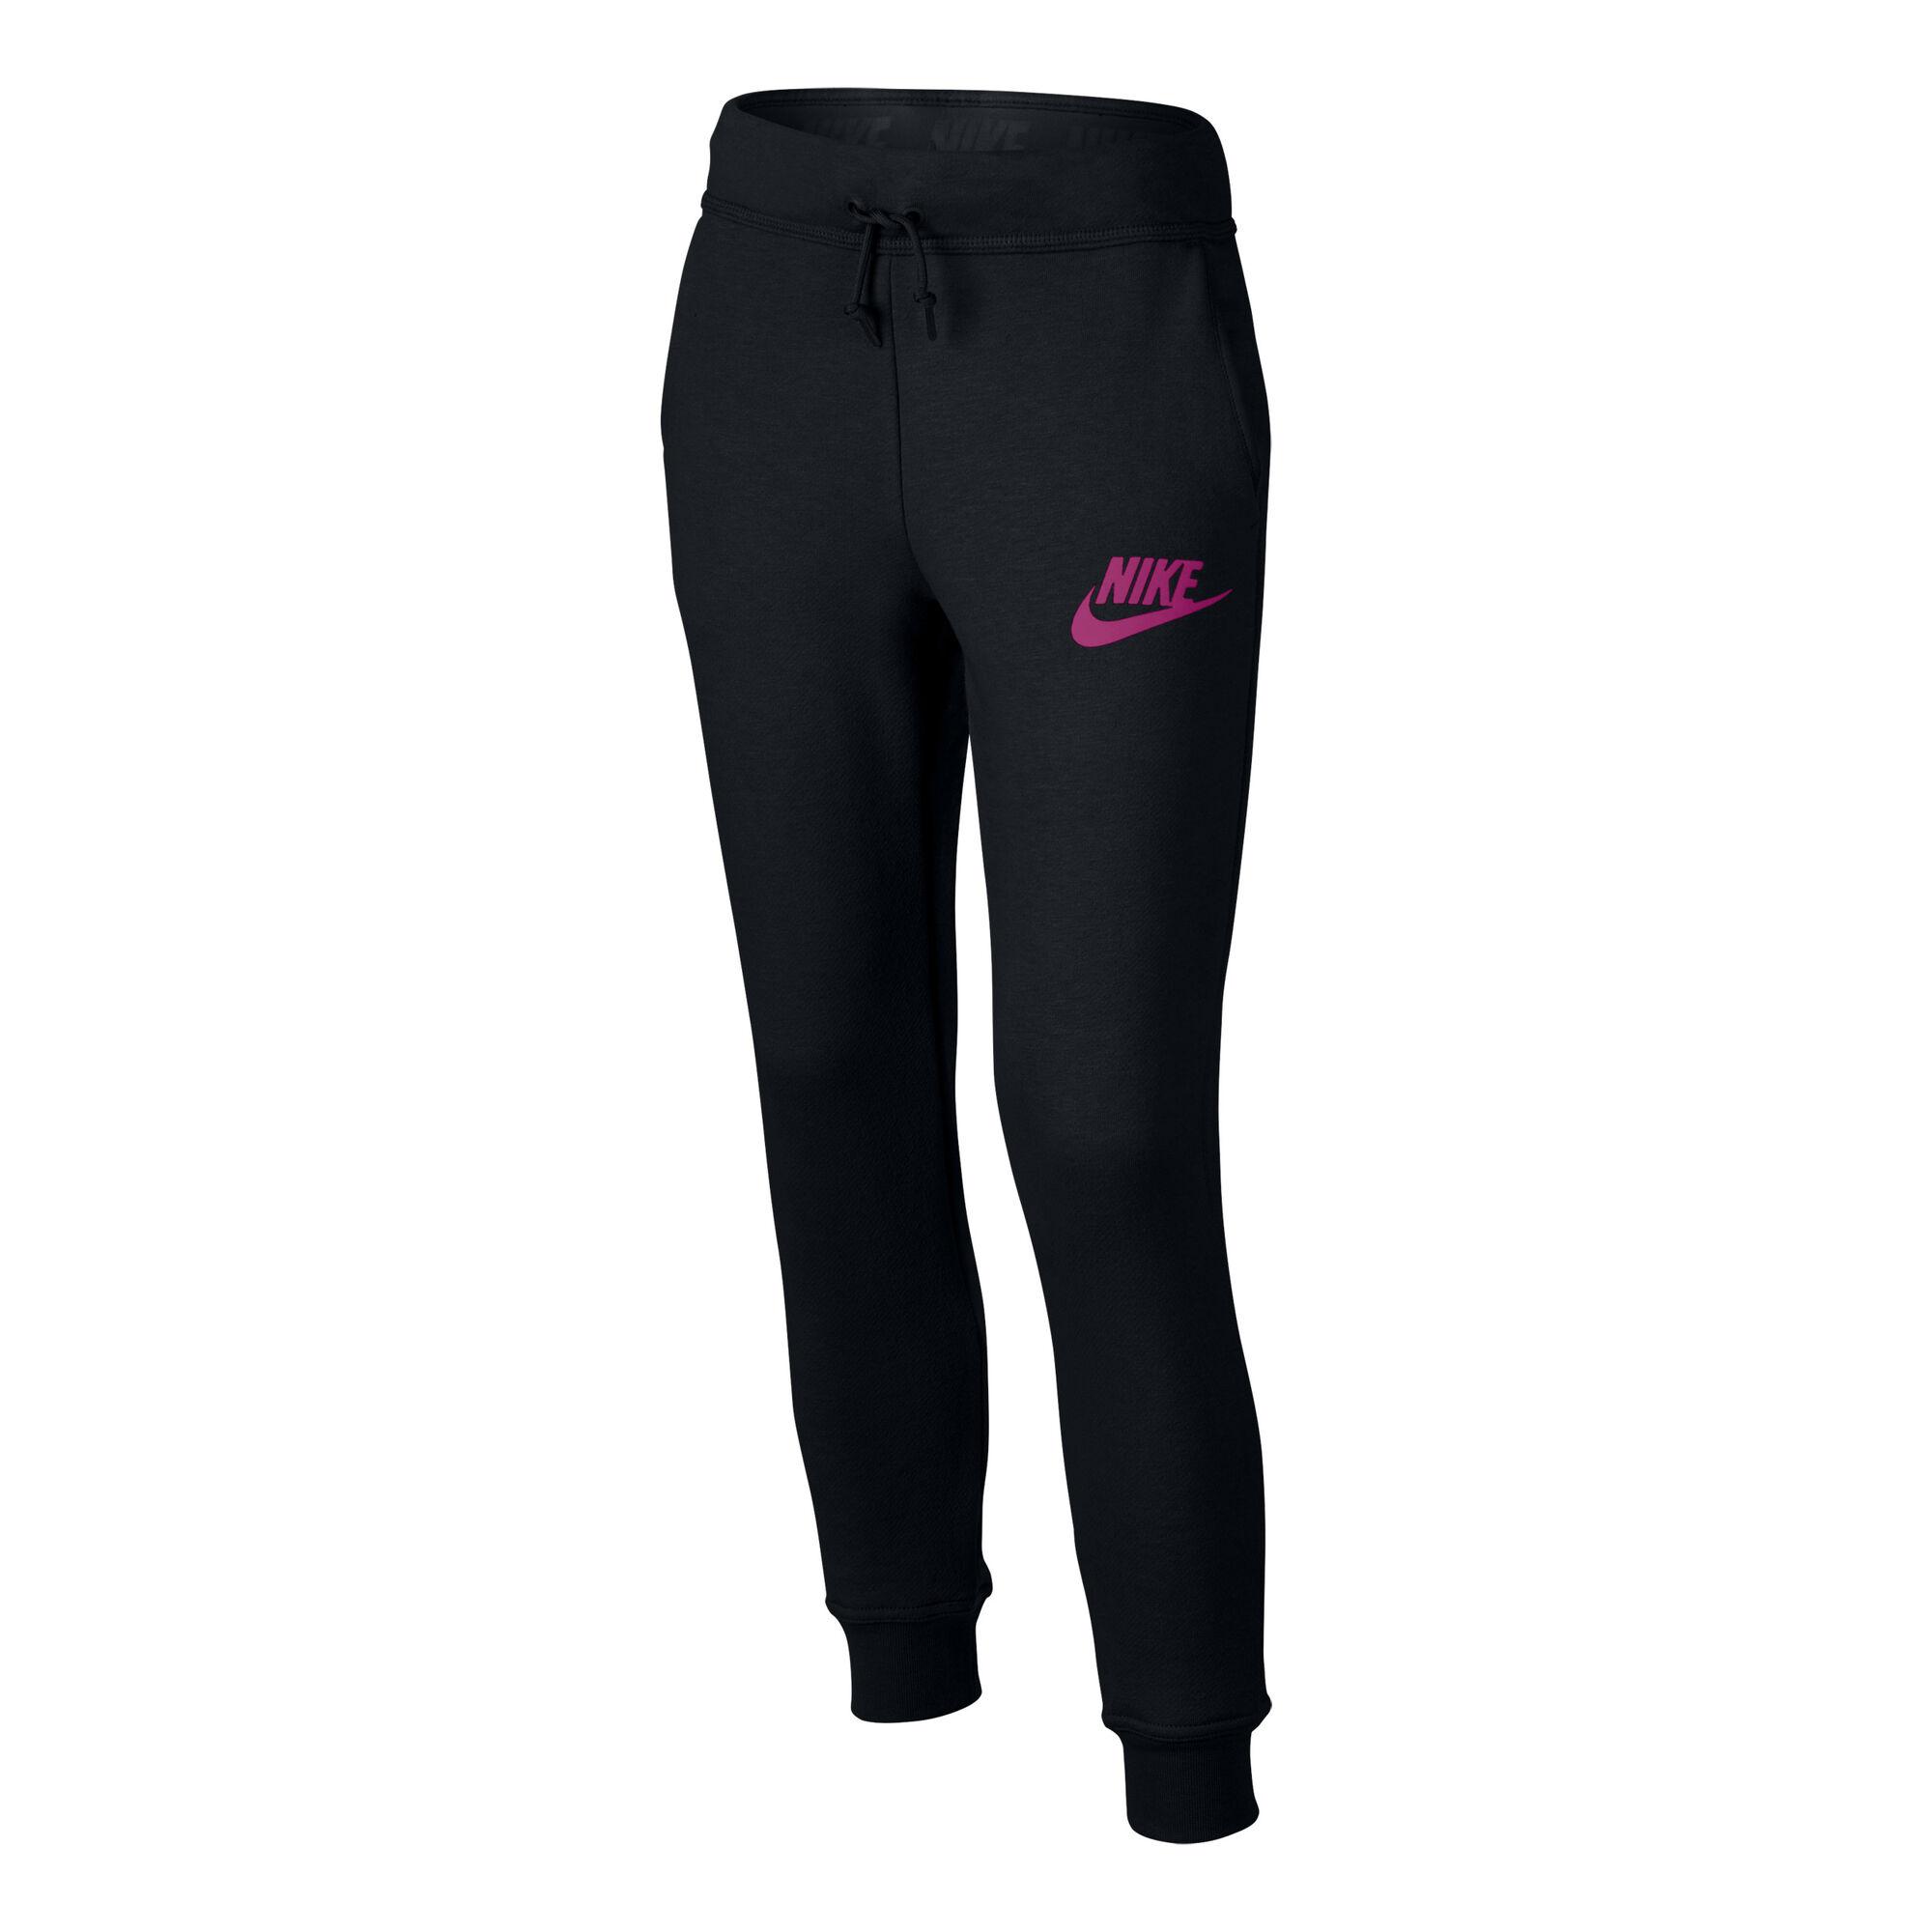 454459207a buy Nike Sportswear Modern Training Pants Girls - Black, Pink online ...